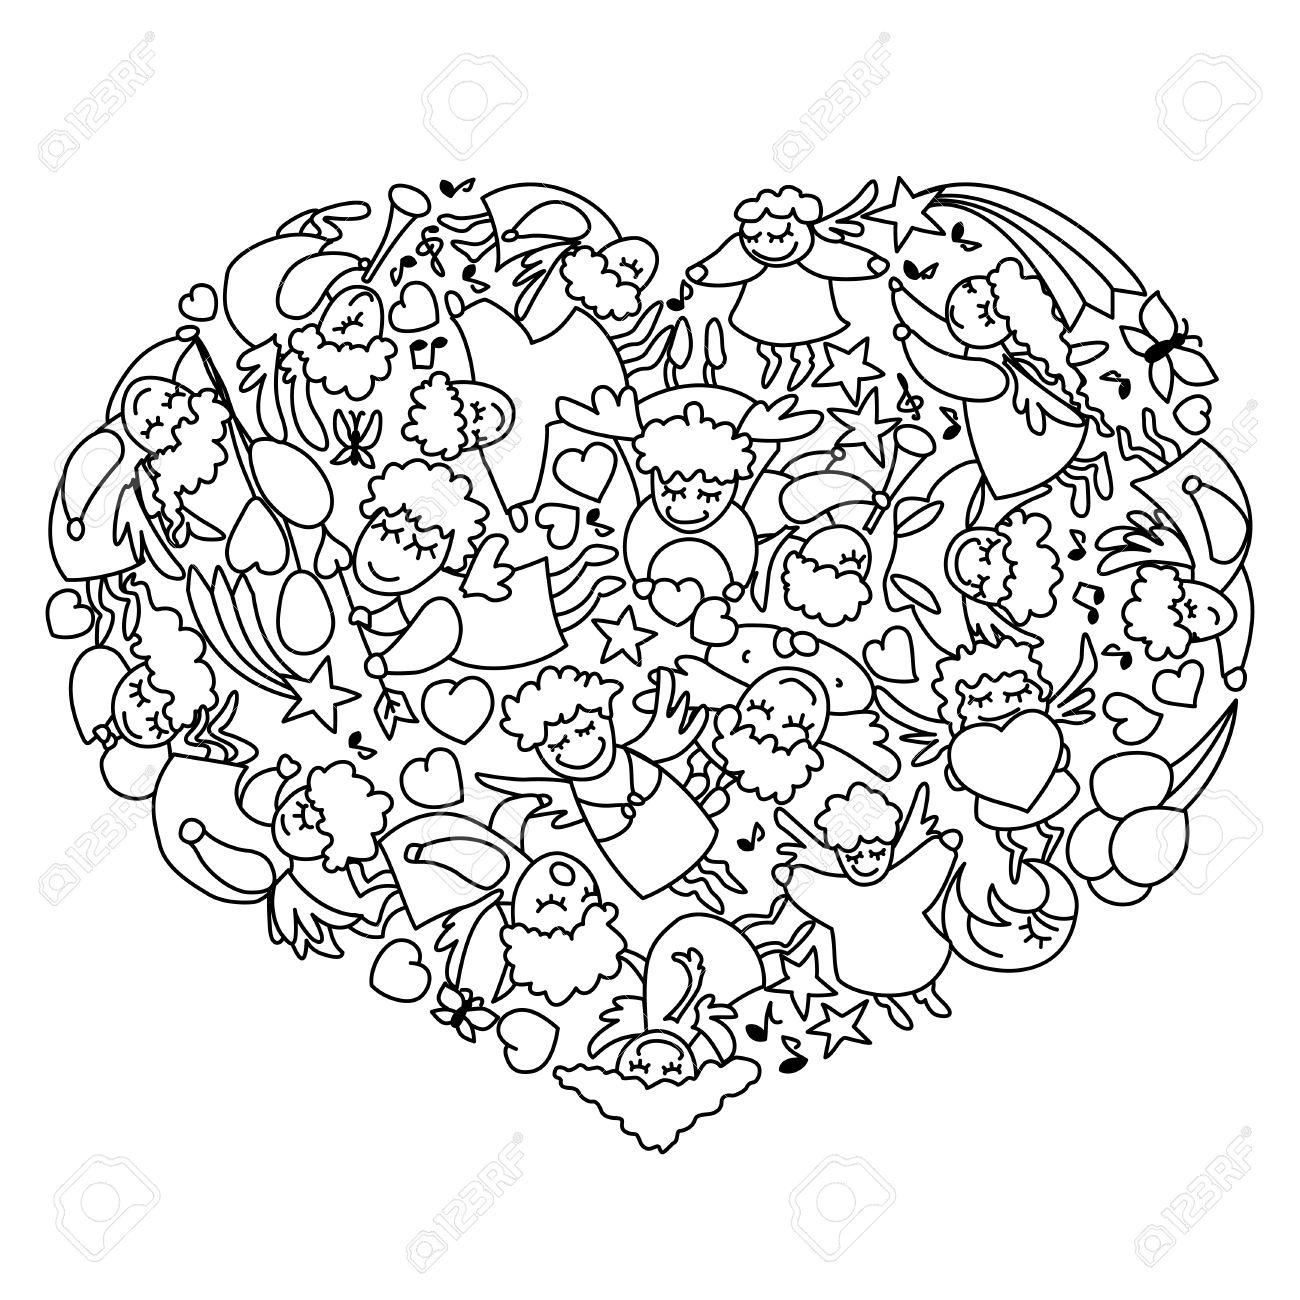 Dibujo Para Colorear Con El Corazón De Los ángeles Blancos Negros Y ...